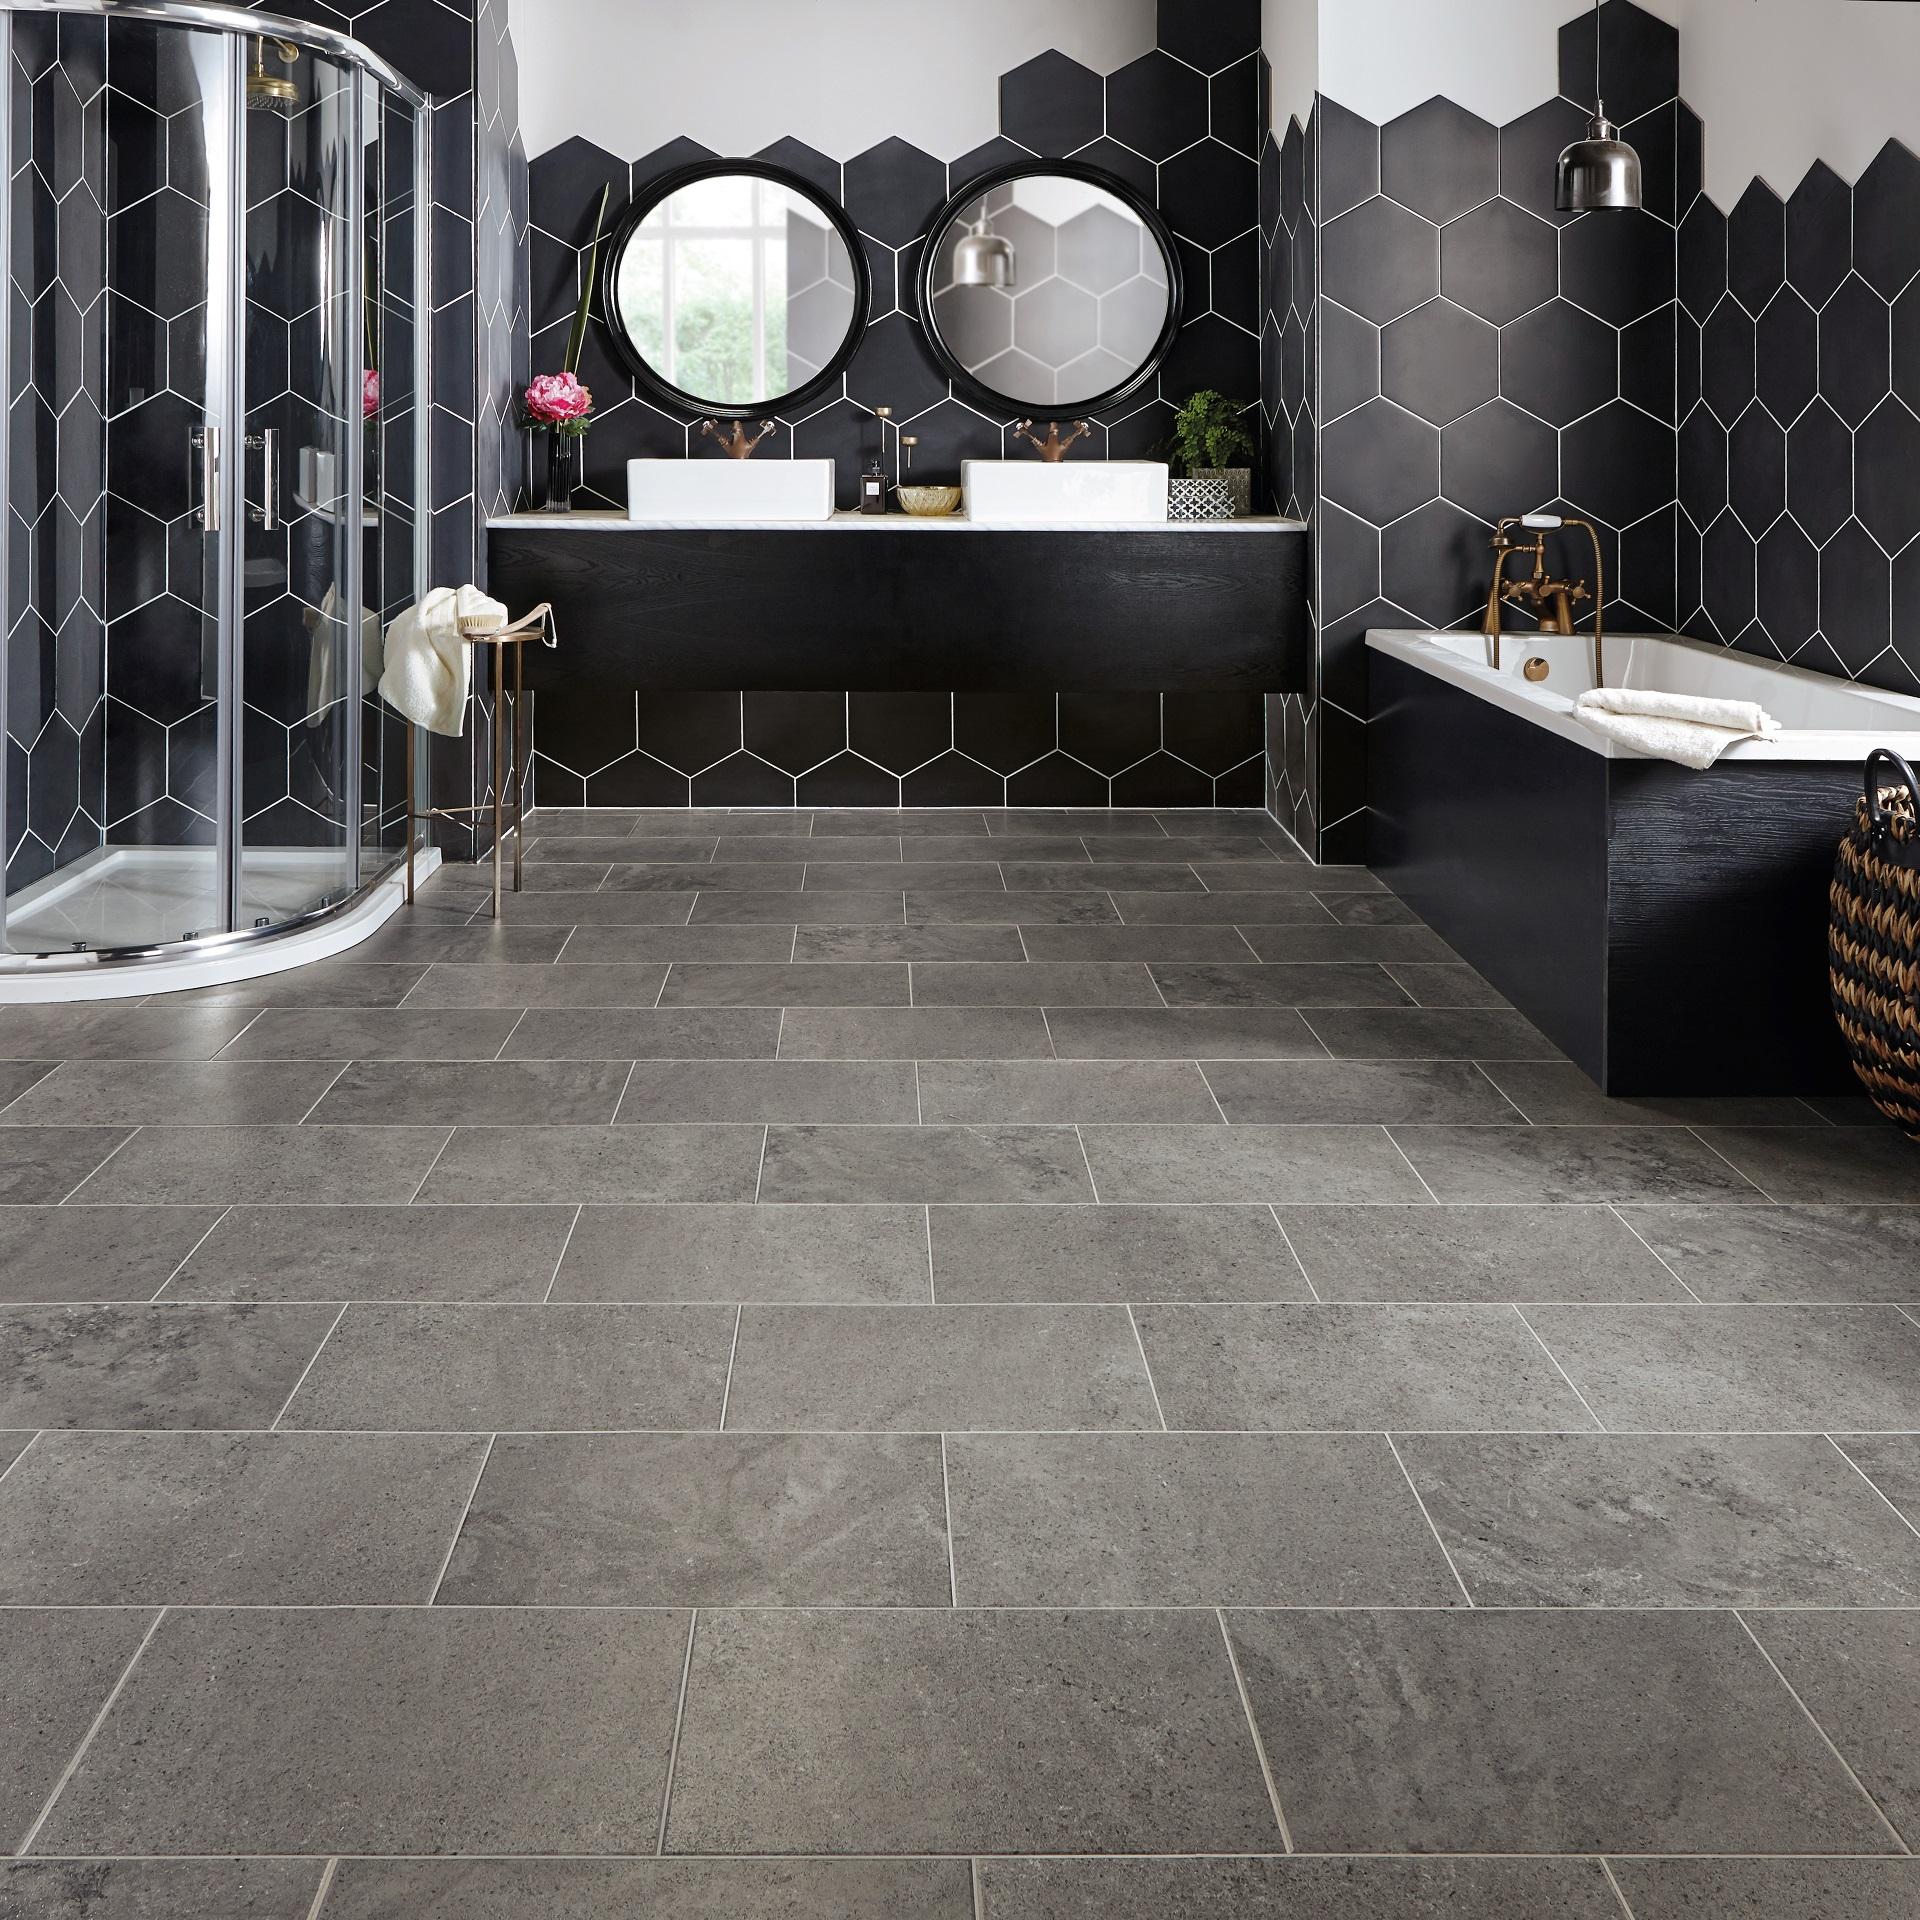 Bathroom floors cer17 drift YBCDJVS